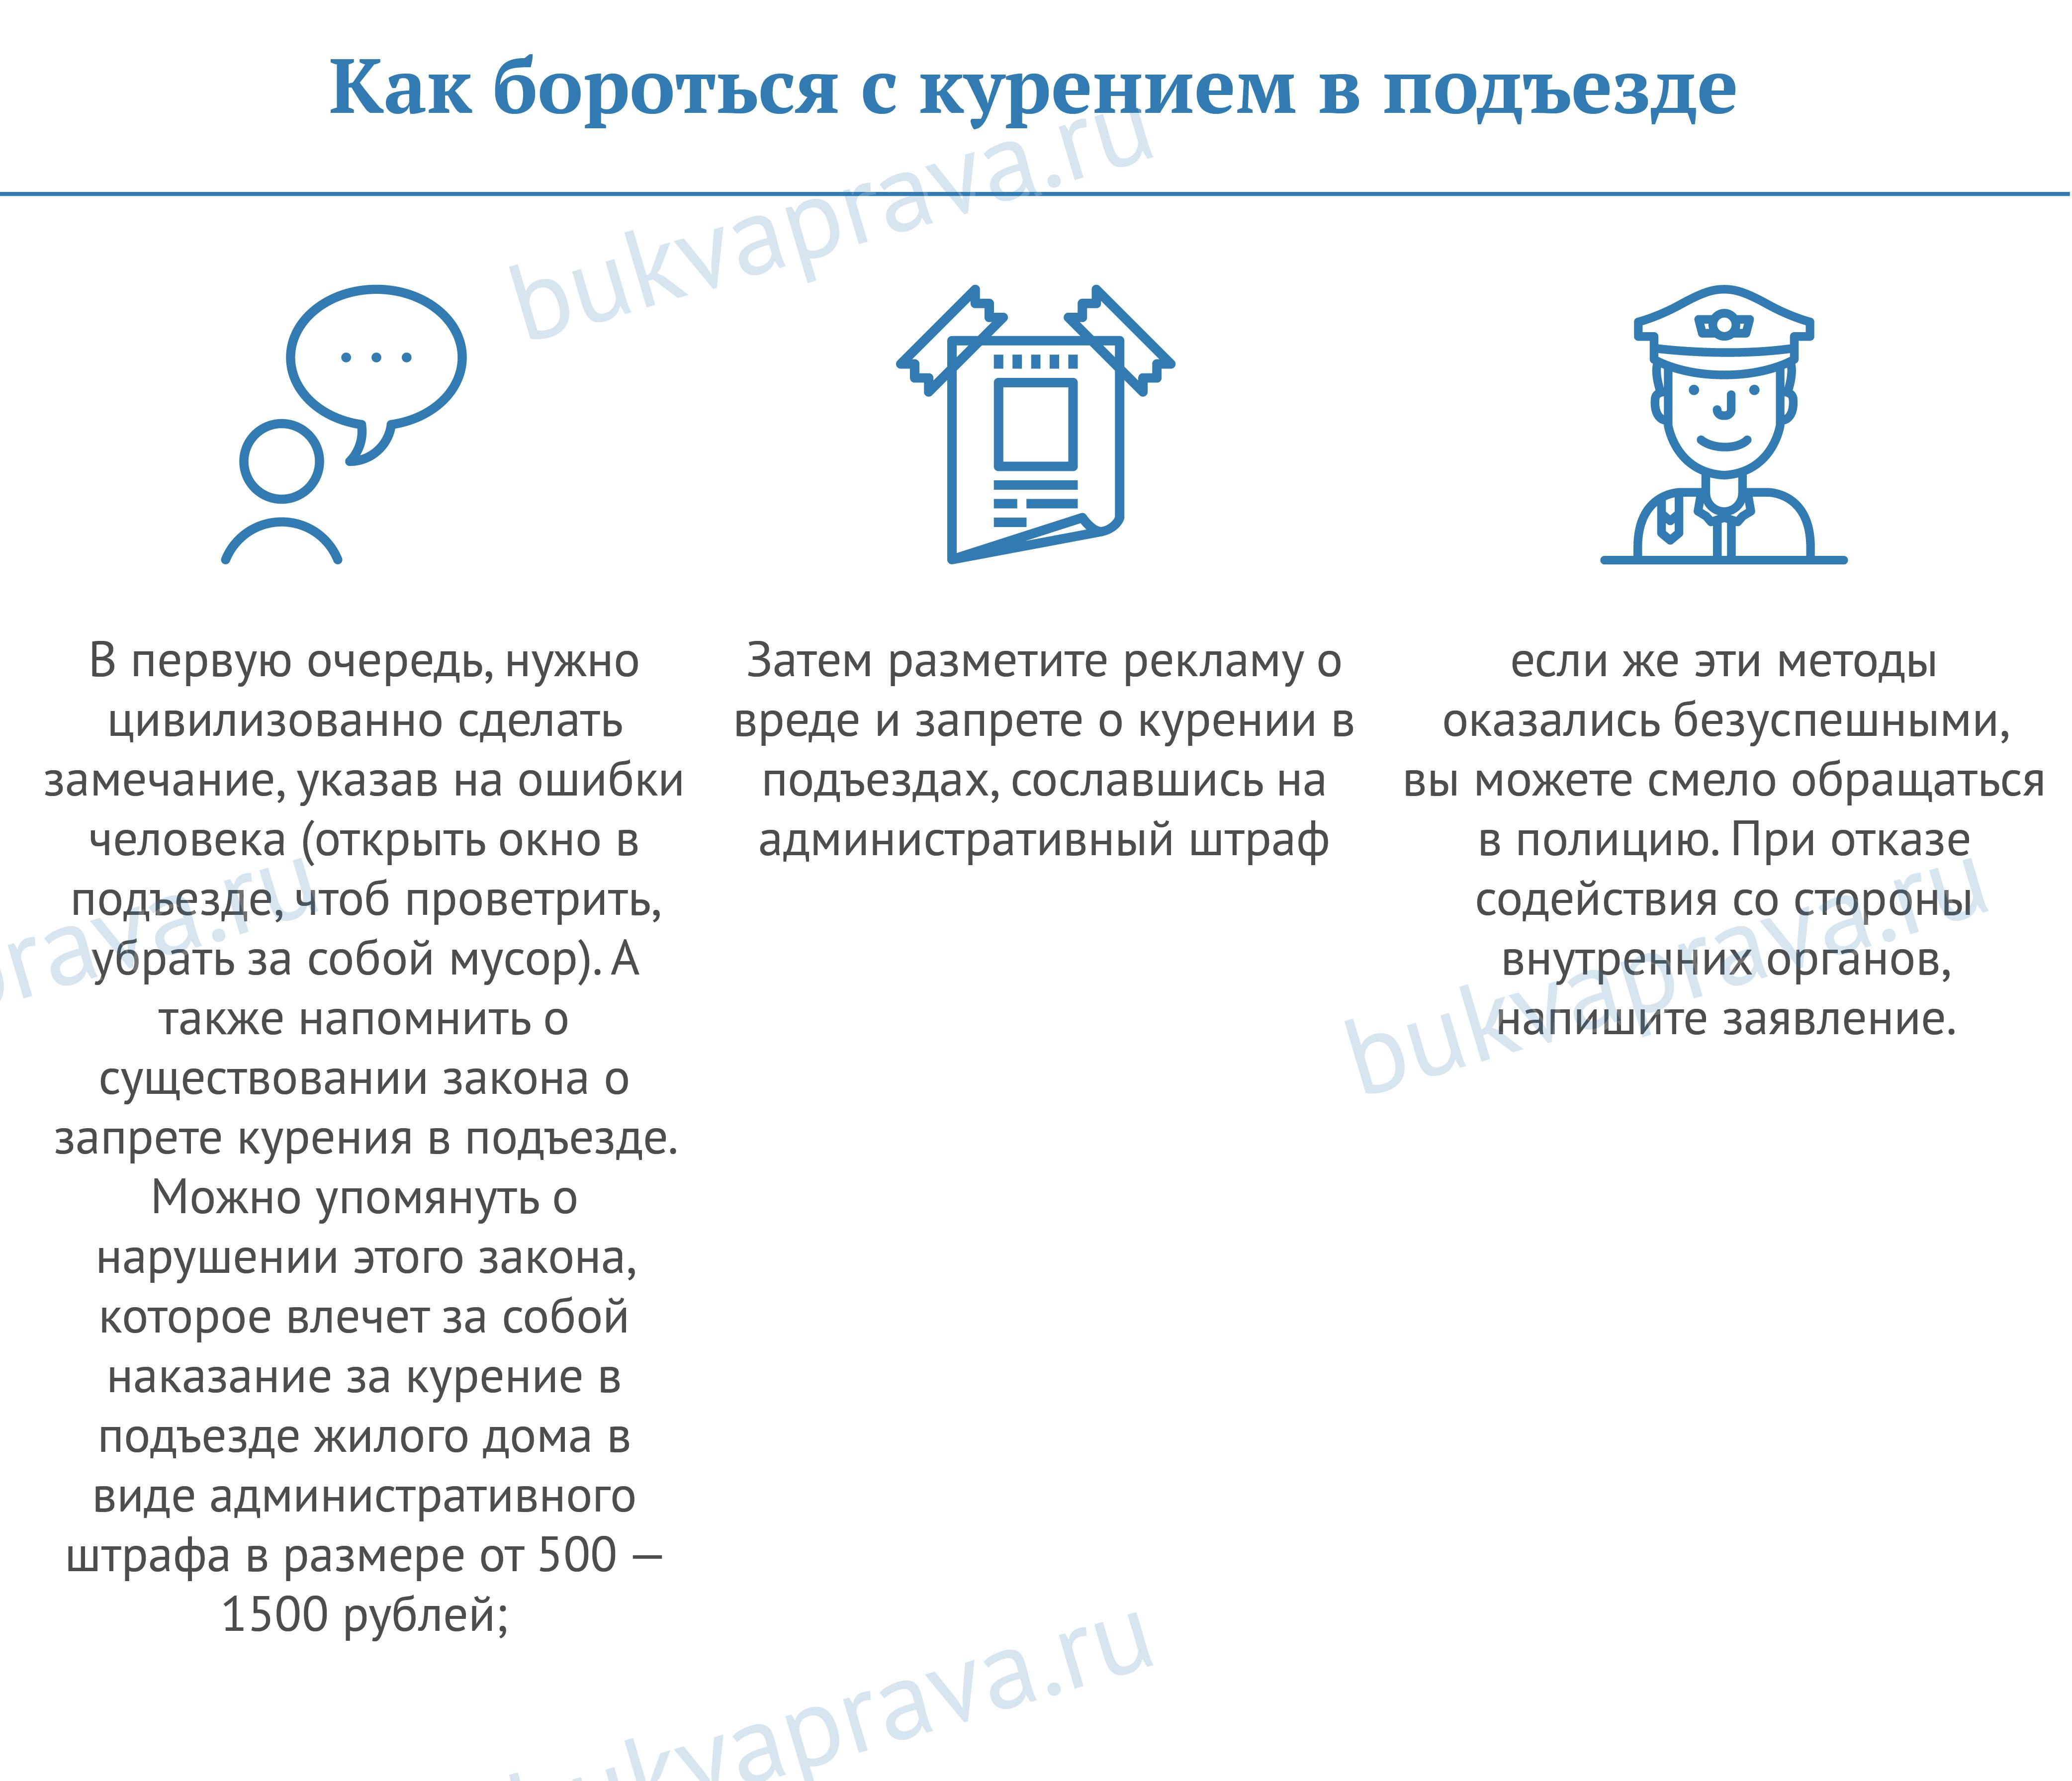 kak-s-ehtim-borotsya